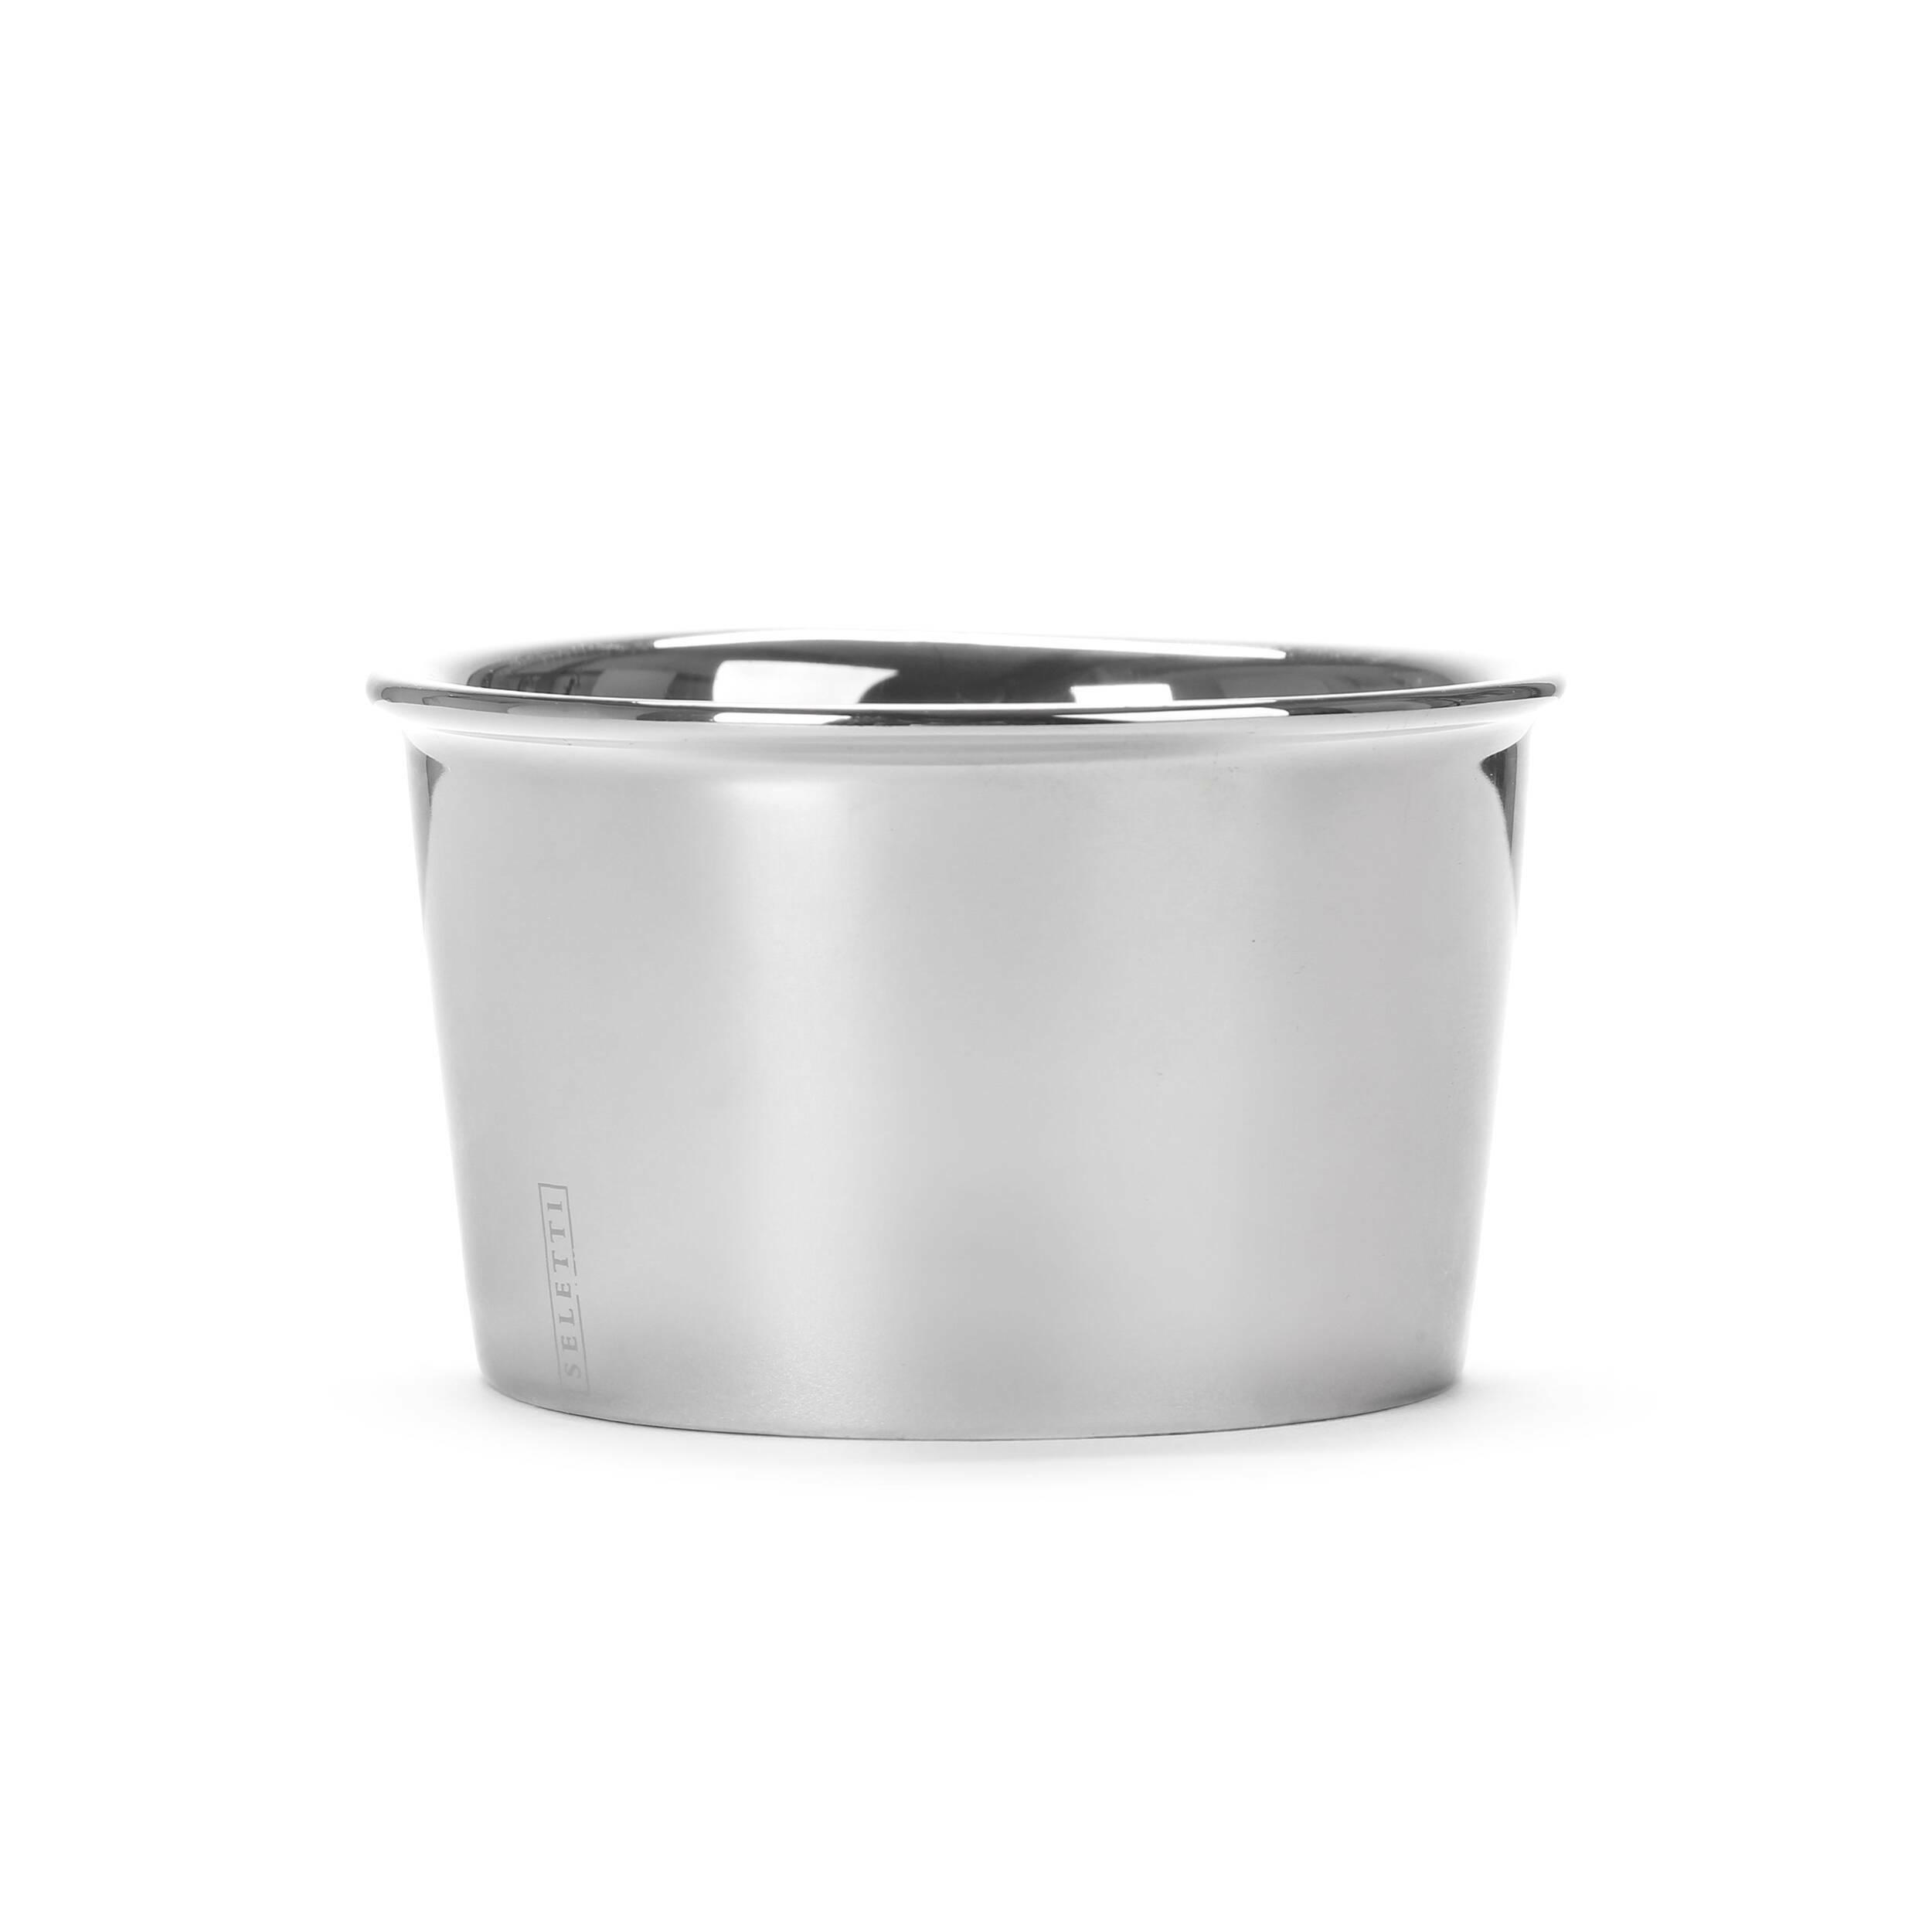 Креманка Estetico QuotidianoПосуда<br>Креманка Estetico Quotidiano из коллекции столовой посуды Estetico Quotidiano. Что в нашей жизни может быть привычнее и незаметнее, чем, например, одноразовая посуда или пластиковые бутылки? Разве только посуда в собственном доме, на рисунок которой уже давно не обращаешь внимания.<br><br><br> Дизайнер Алессандро Дзамбелли совместно с компанией Seletti выпустили коллекцию столовой посуды под названием Estetico Quotidiano, что можно перевести с итальянского языка как «эстетика повседневности...<br><br>stock: 34<br>Высота: 5,1<br>Материал: Фарфор<br>Цвет: Серебряный<br>Диаметр: 8,8